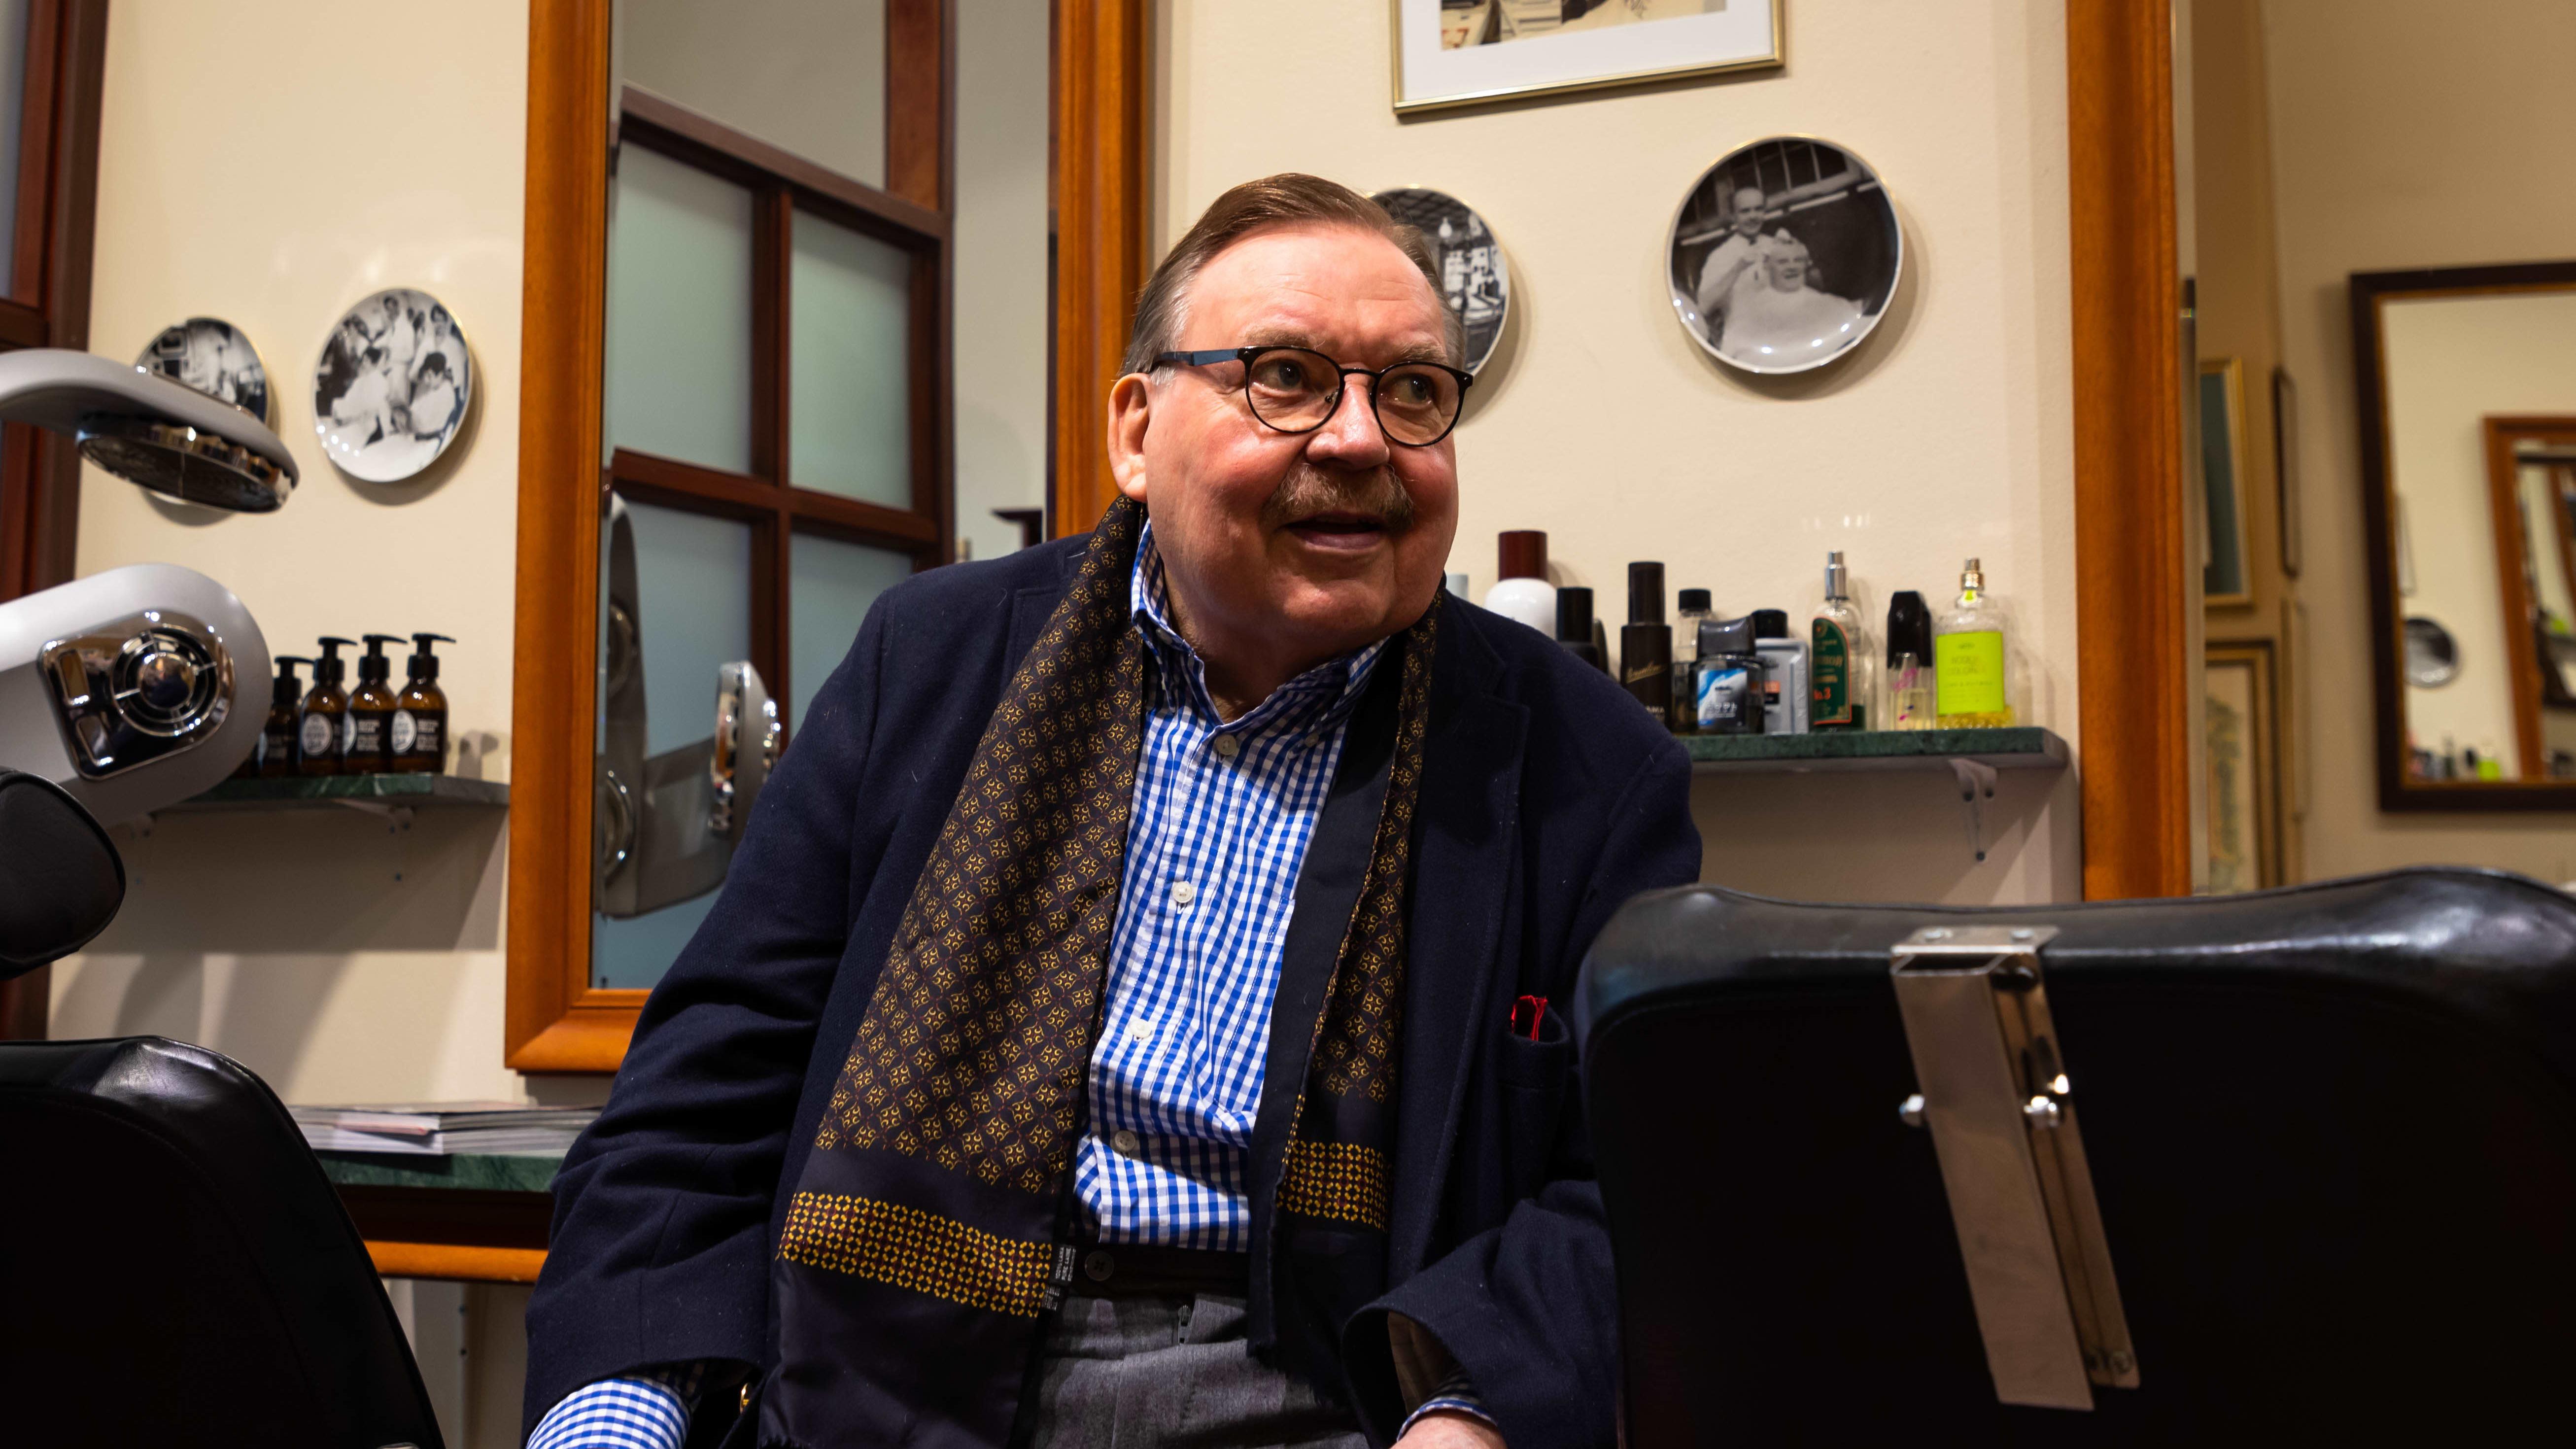 Yli 60-vuotisen uran tehnyt parturimestari Bror Bäckström jää eläkkeelle.